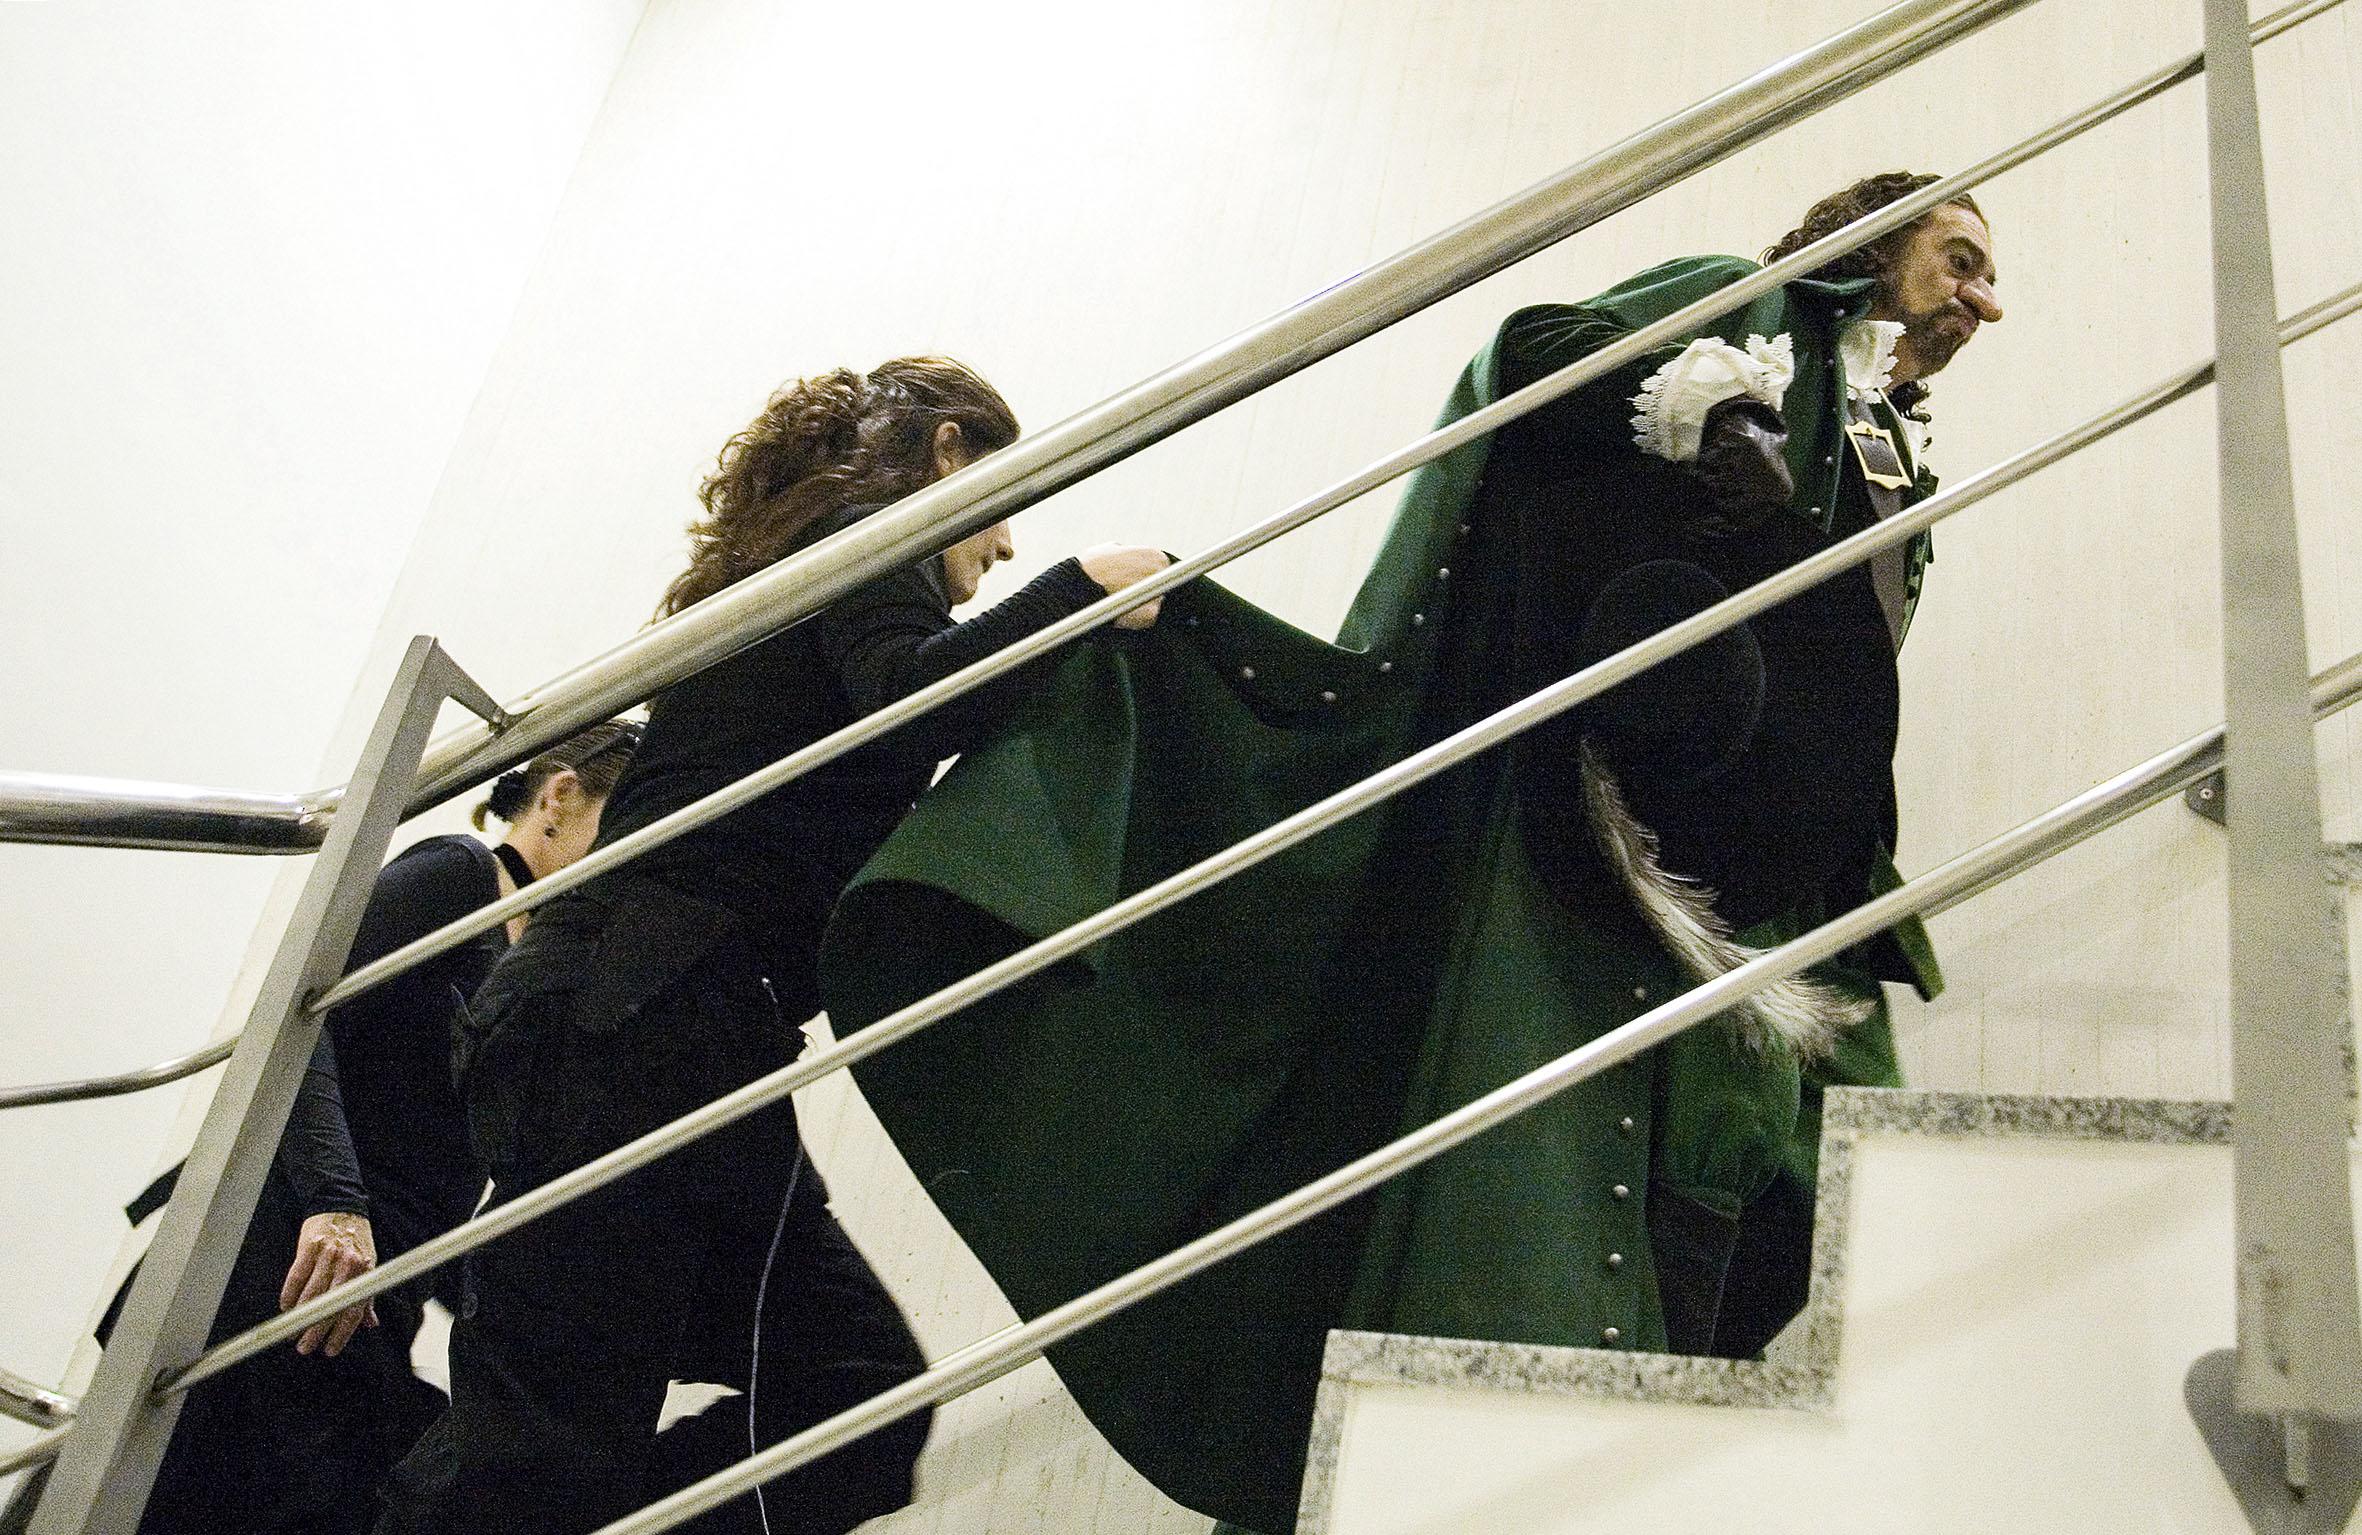 """Plácido Domingo """"El Tenor en València""""El Palau de les Arts Reina Sofía arropa el estreno de la ópera Cyrano de Bergerac , con diversas actividades paralelas entre las que destacan una exposición fotográfica de Plácido Domingo retratado por  Eva Ripoll.Se quiere así, desde el nuevo coliseo operístico valenciano, rendir un homenaje a la figura de Plácido Domingo-que desde el inicio del proyecto lo ha apoyado- y al mismo tiempo se pretende analizar la significación histórica y cultural de la ópera Cyrano de Bergerac .La exposición Vida de artista invita a hacer un recorrido fotográfico con el tenor Plácido Domingo en sus días en Valencia. Se exhiben ochenta imágenes de la trayectoria del principal protagonista de Cyrano de Bergerac durante varios días en el Palau de les Arts y en Valencia, recogiendo diversos momentos de trabajo y ocio de esta gran figura de la lírica. Vida de artista se podrá contemplar en el vestíbulo del coliseo."""